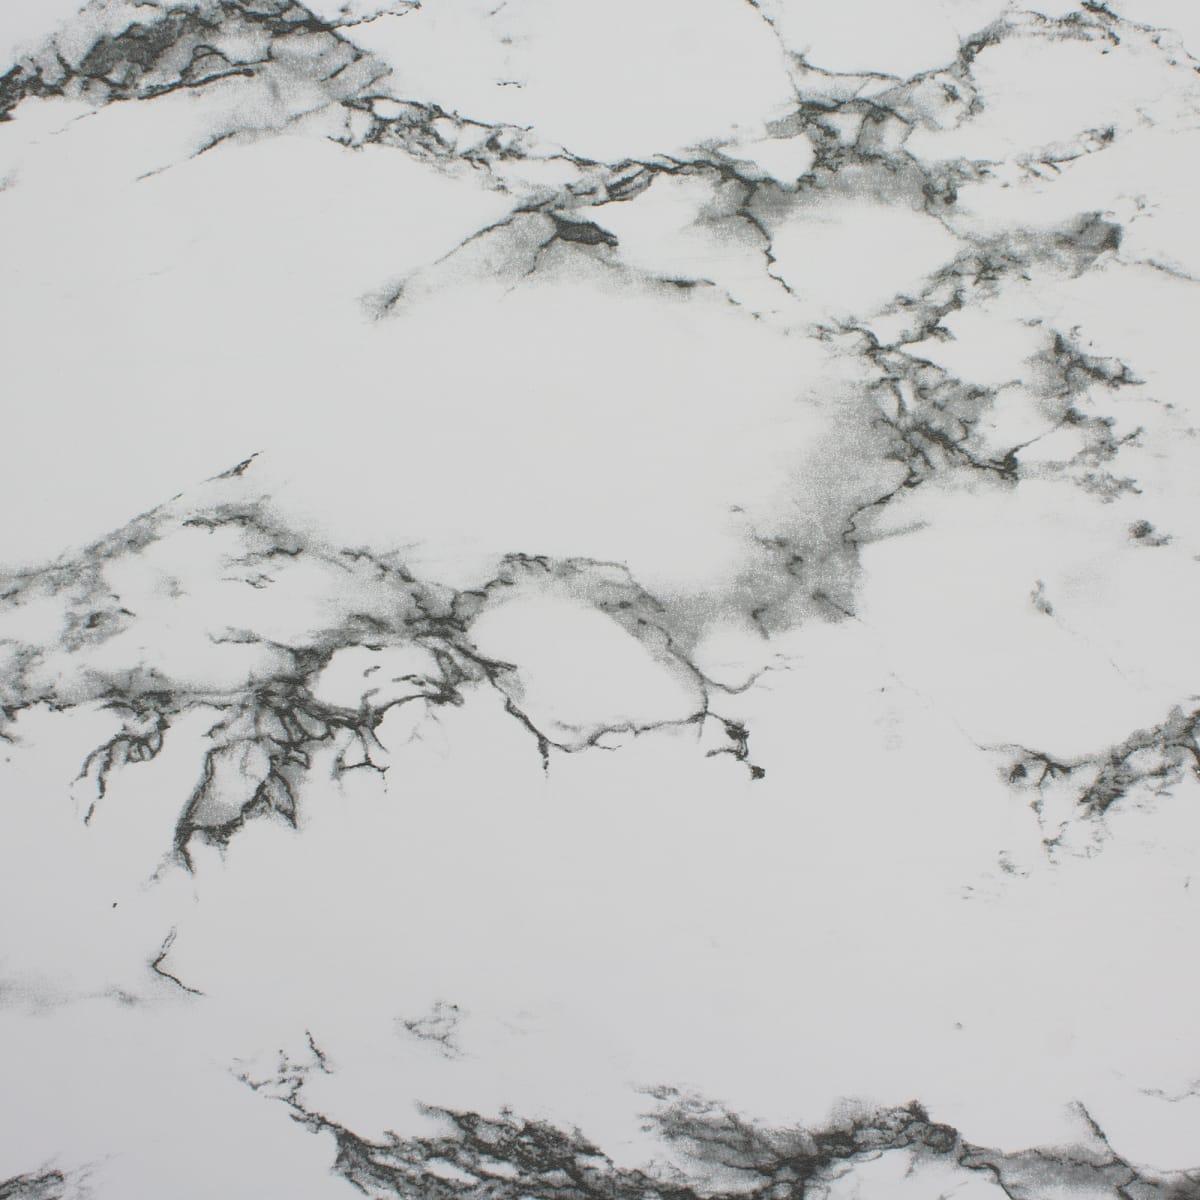 Пленка самоклеящаяся 3958, 0.45х2 м, мрамор, цвет чёрно-белый